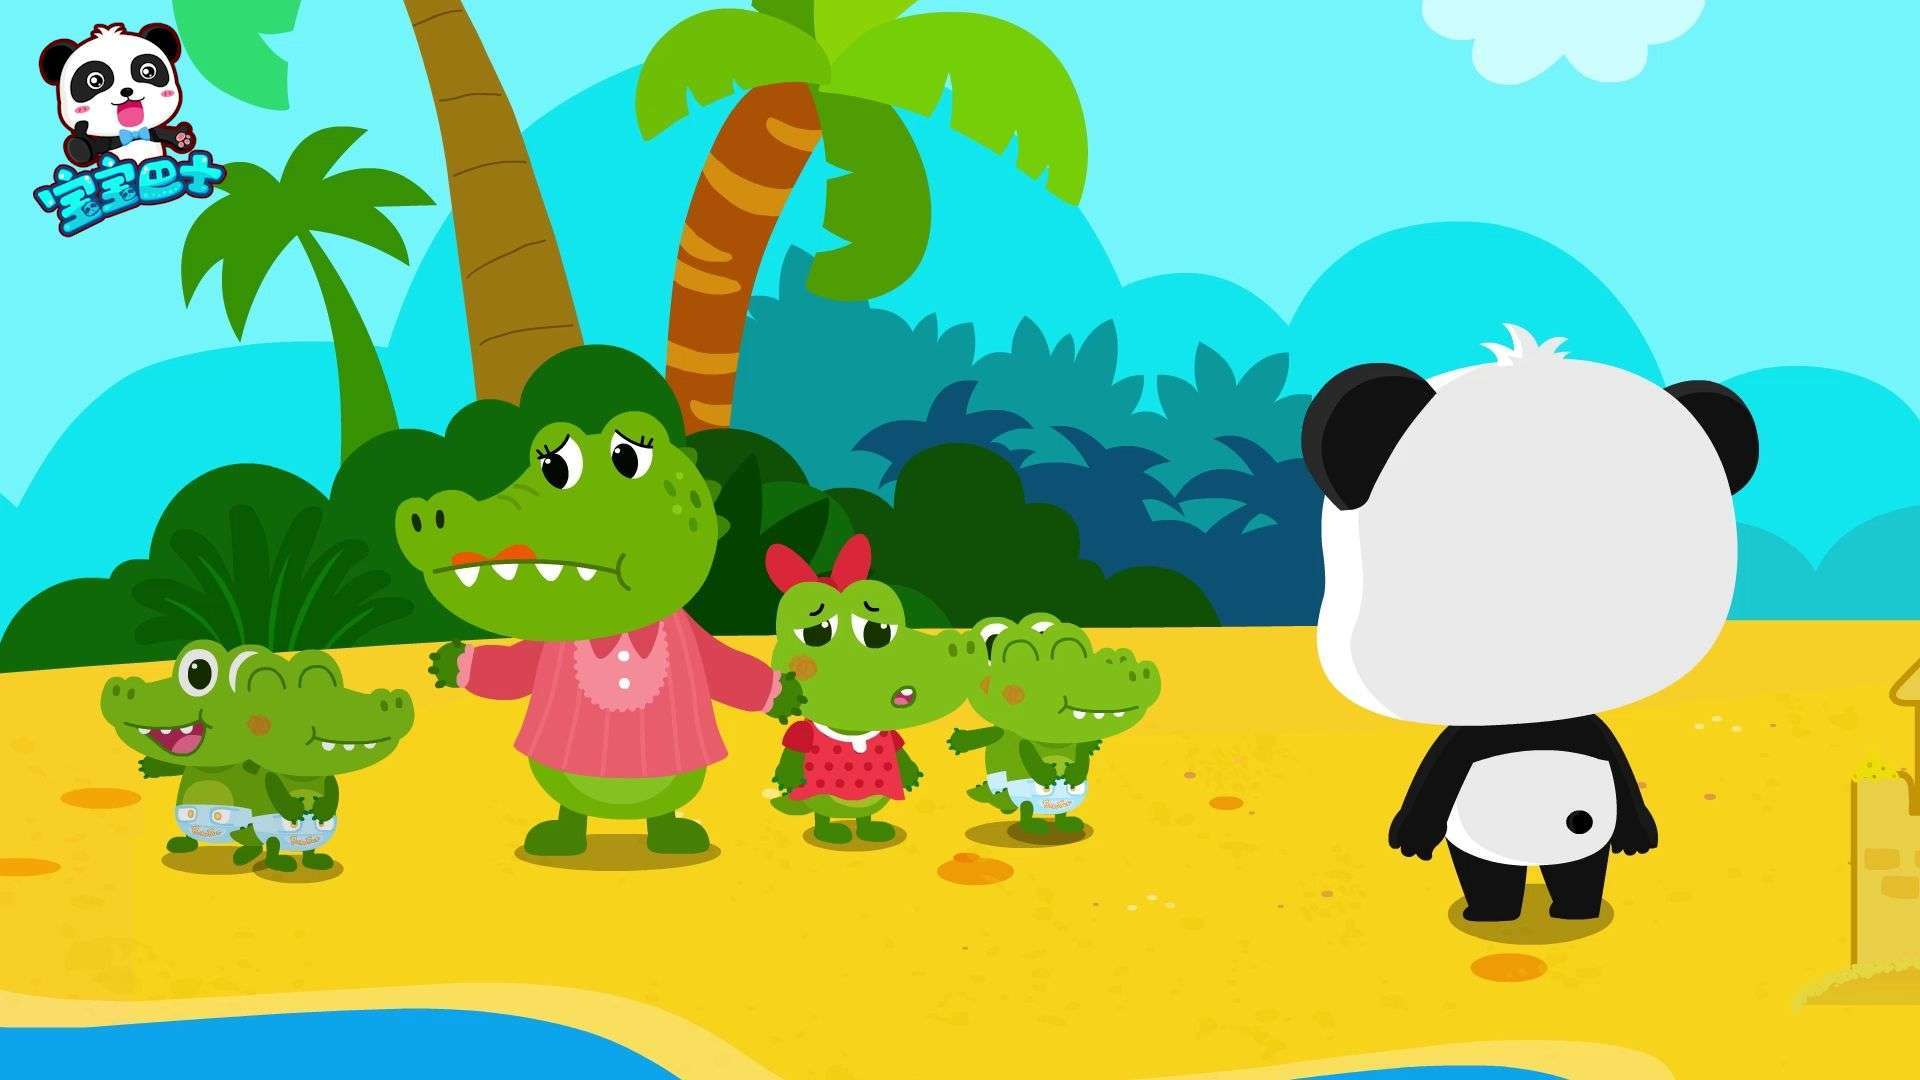 宝宝巴士启之动物世界—小朋友帮助鳄鱼妈妈照顾鳄鱼宝宝